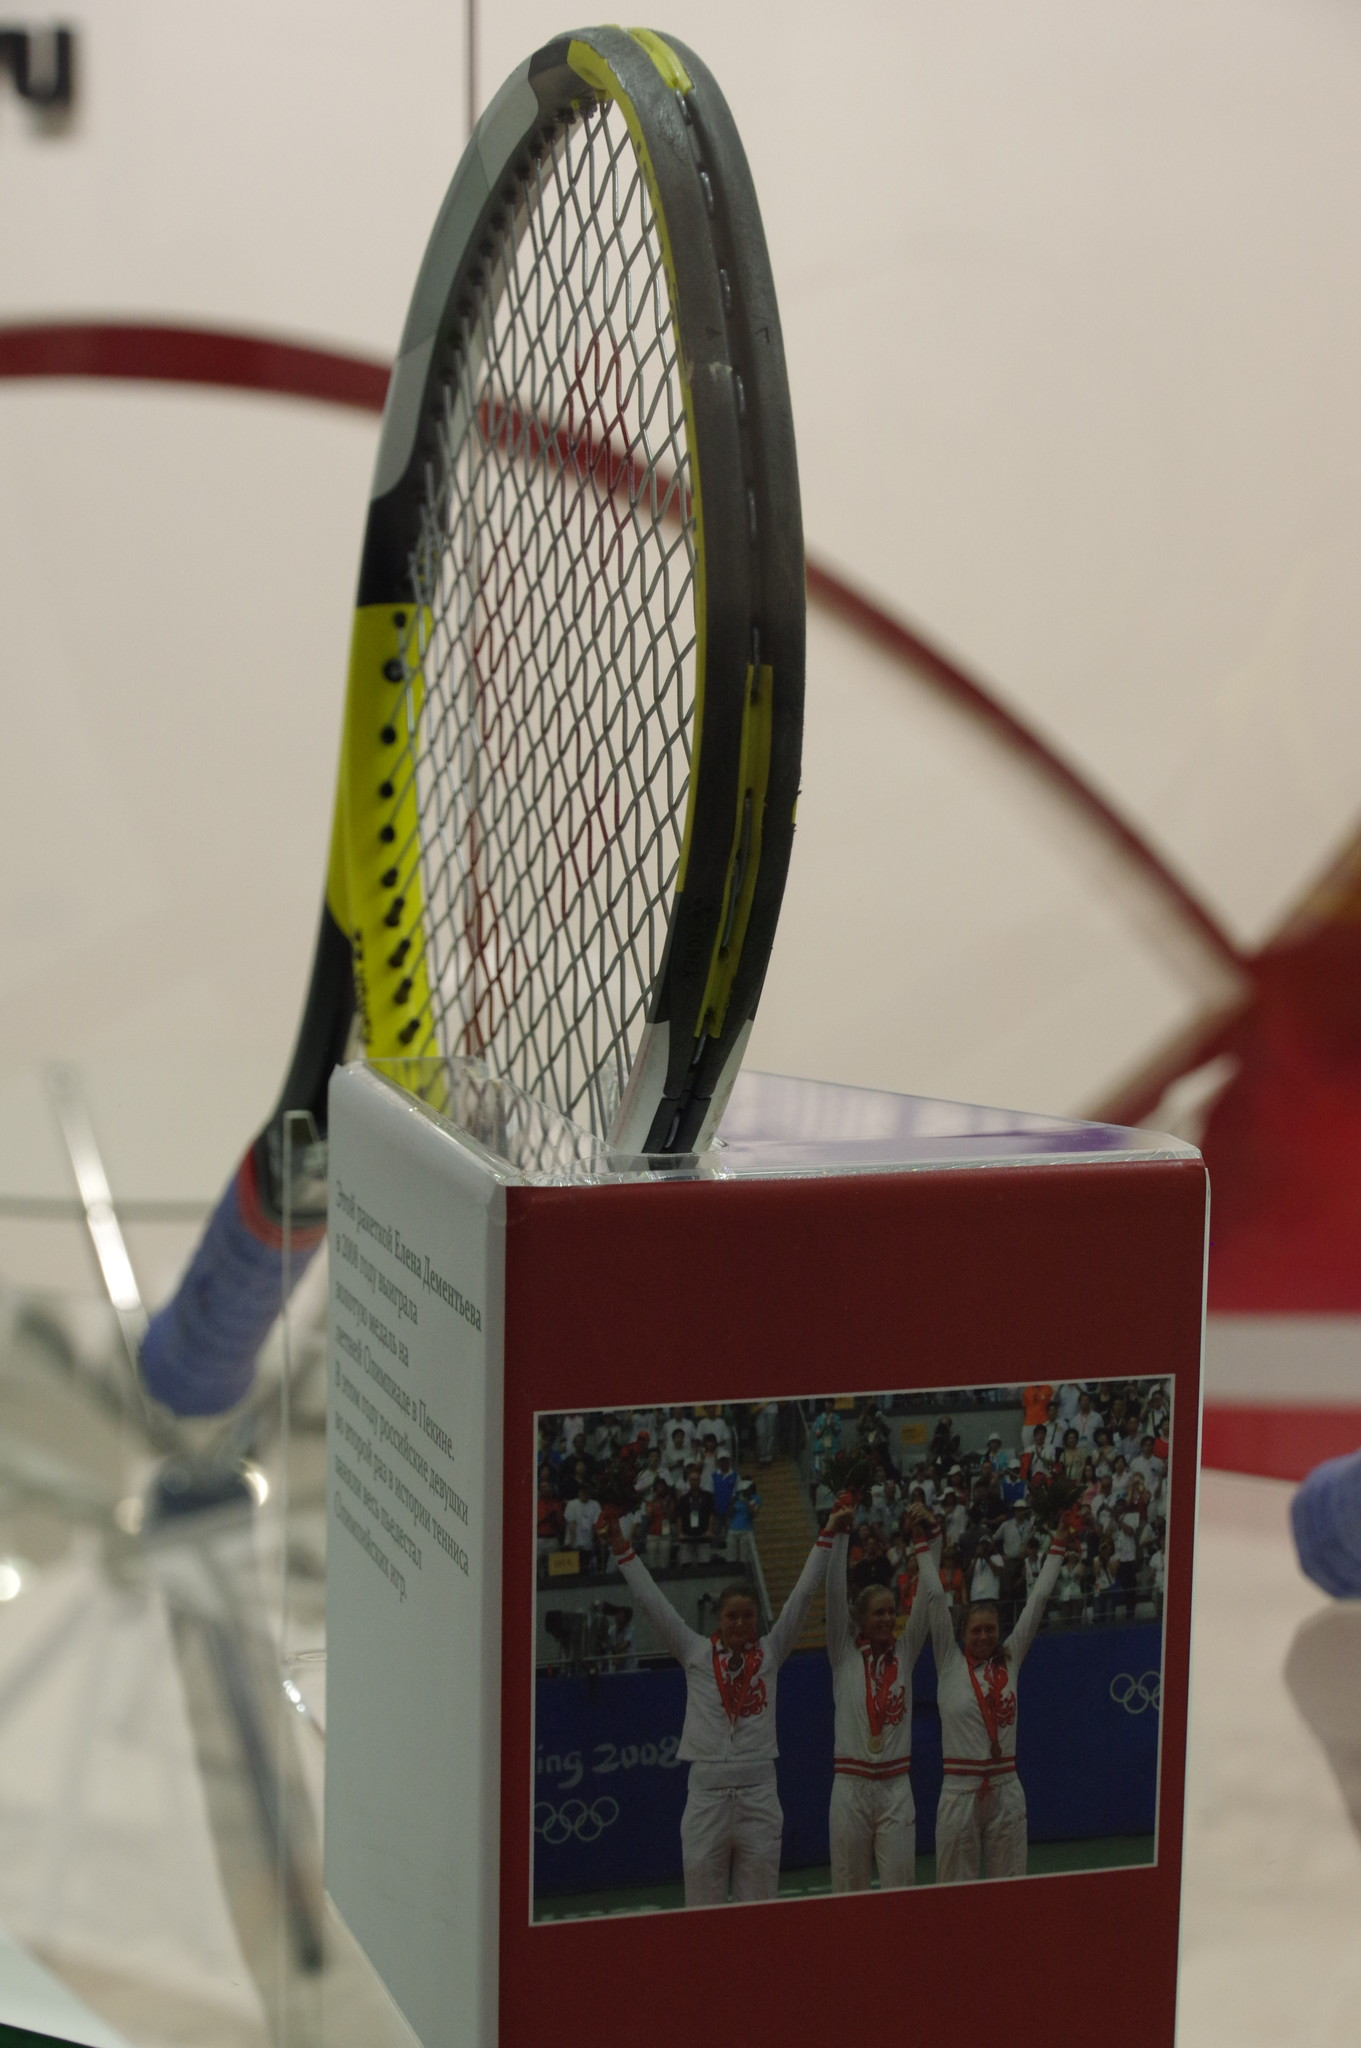 Этой ракеткой Елена Дементьева в 2008 году выиграла золотую медаль на летней Олимпиаде в Пекине